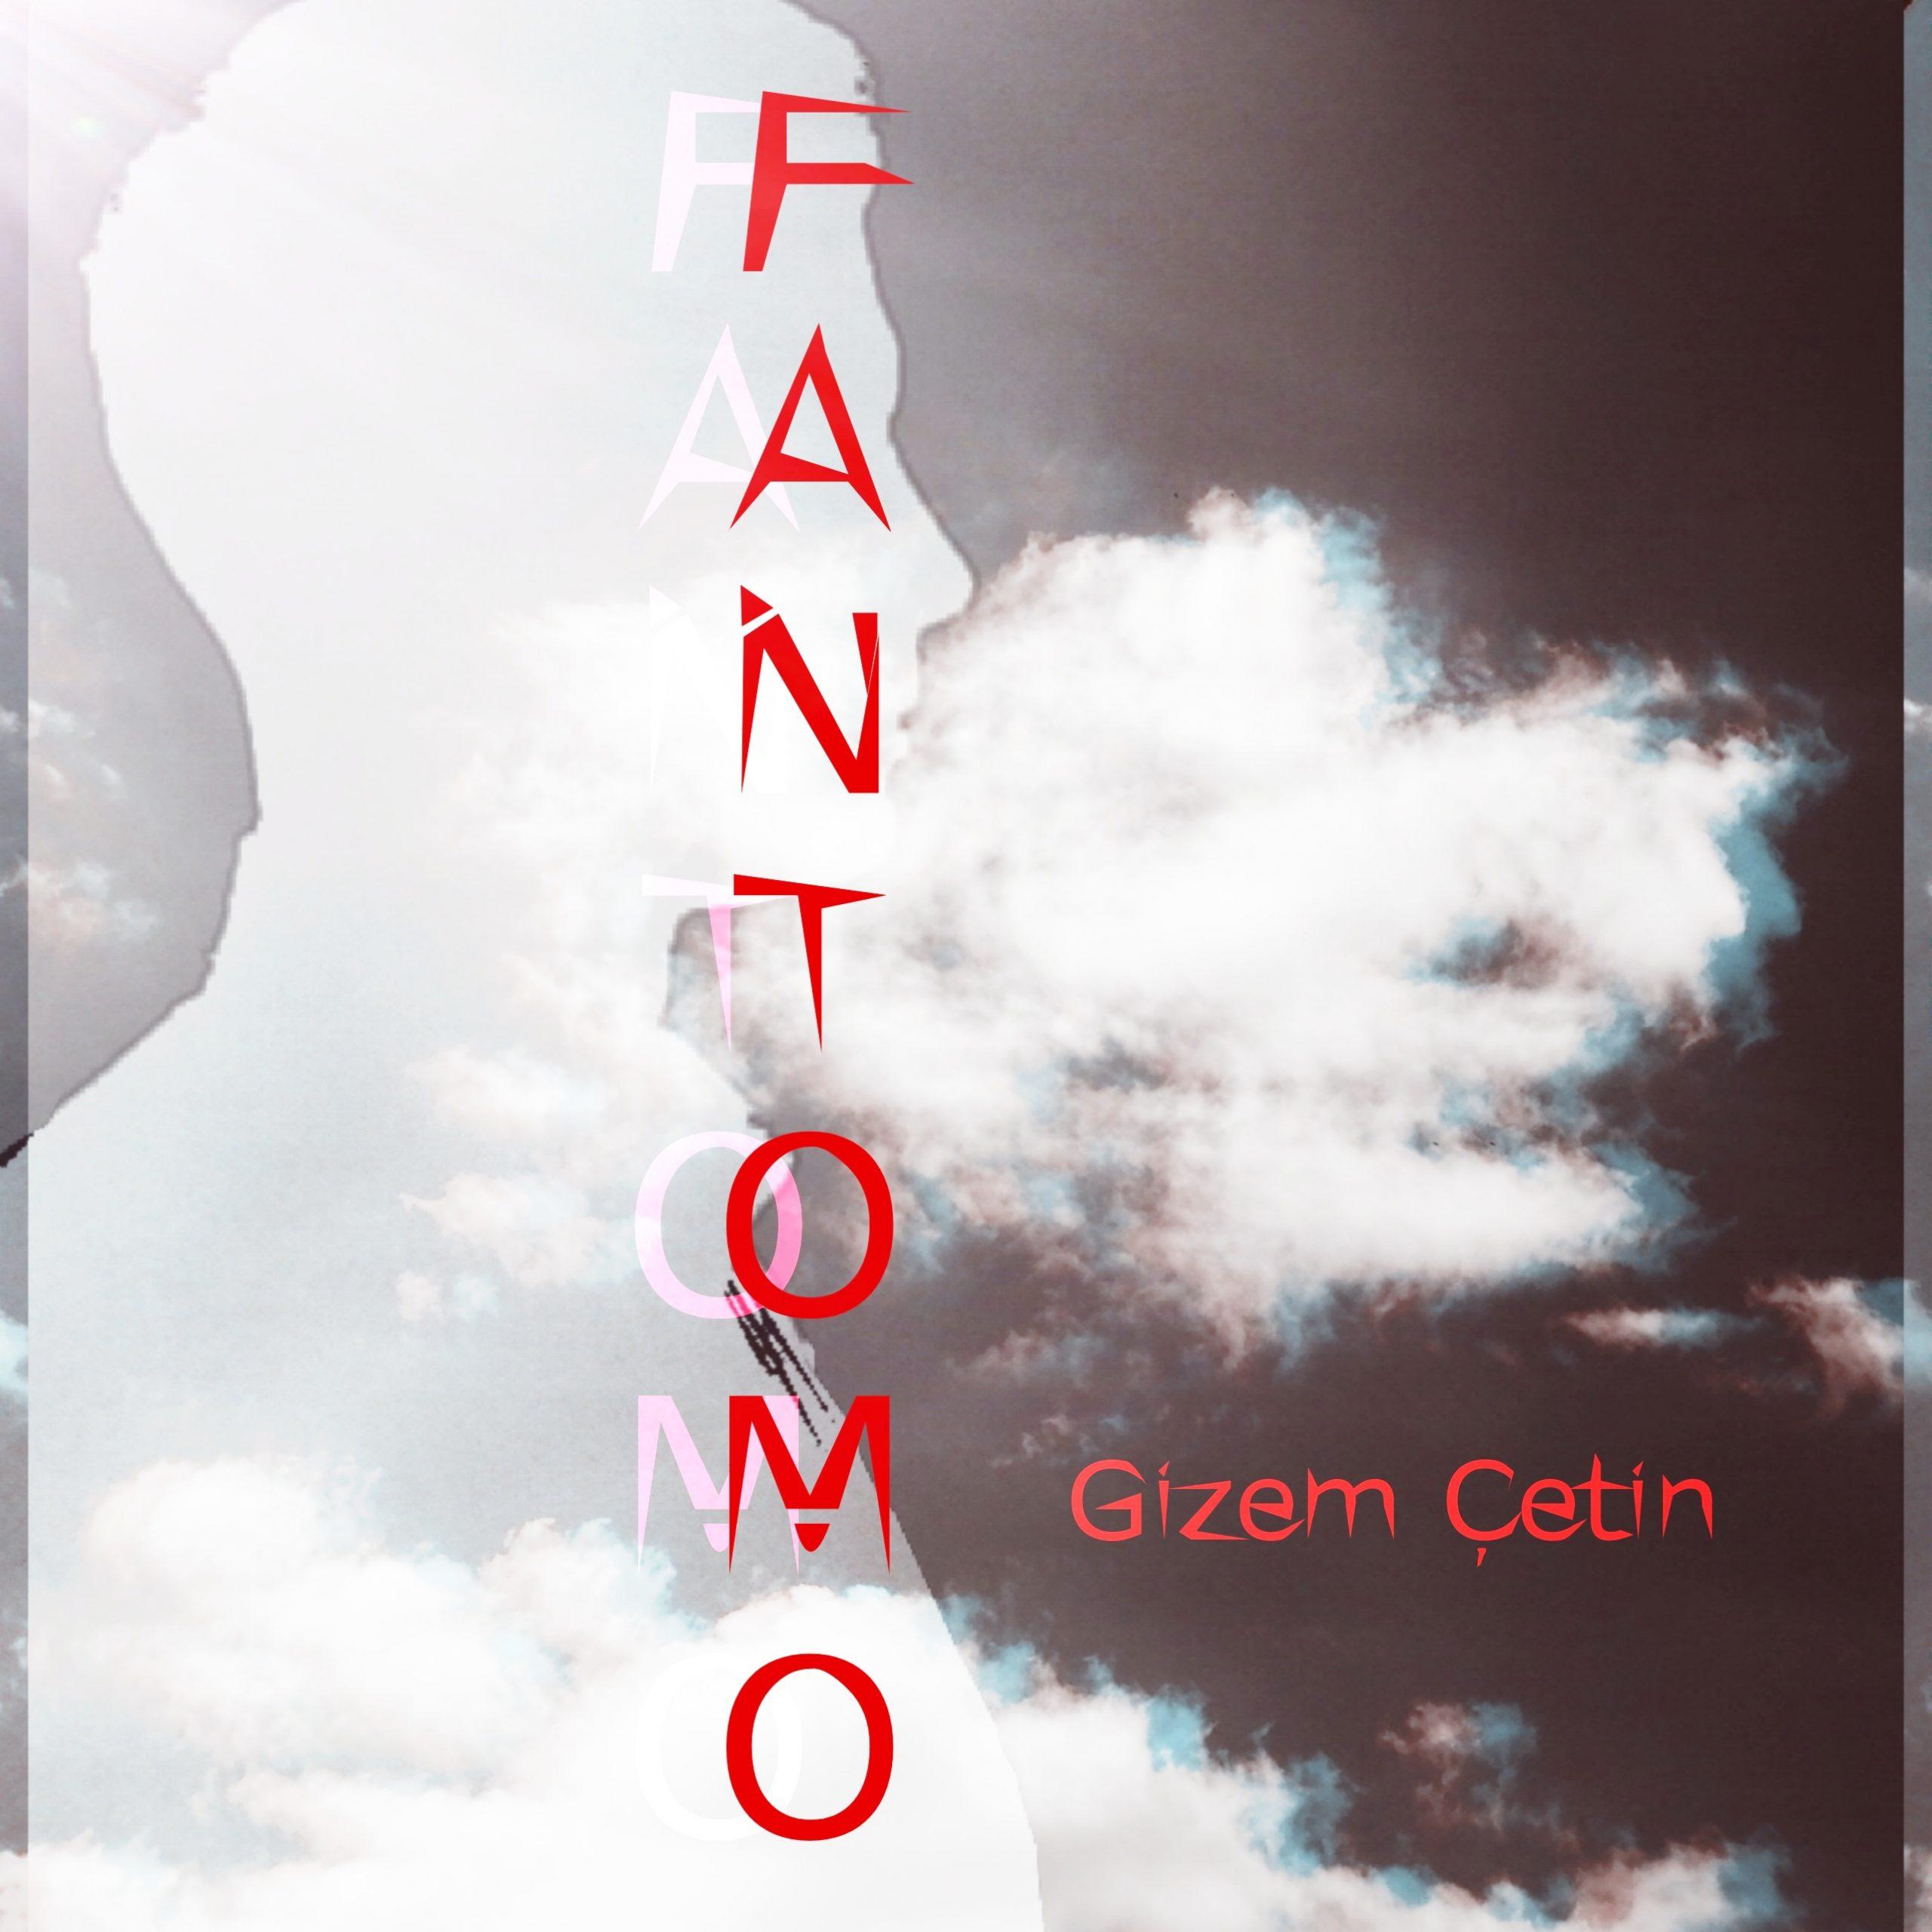 """FANTOMO – """"Mi estas mi, eĉ se mi estas fantomo."""" – Trilerrakonto"""